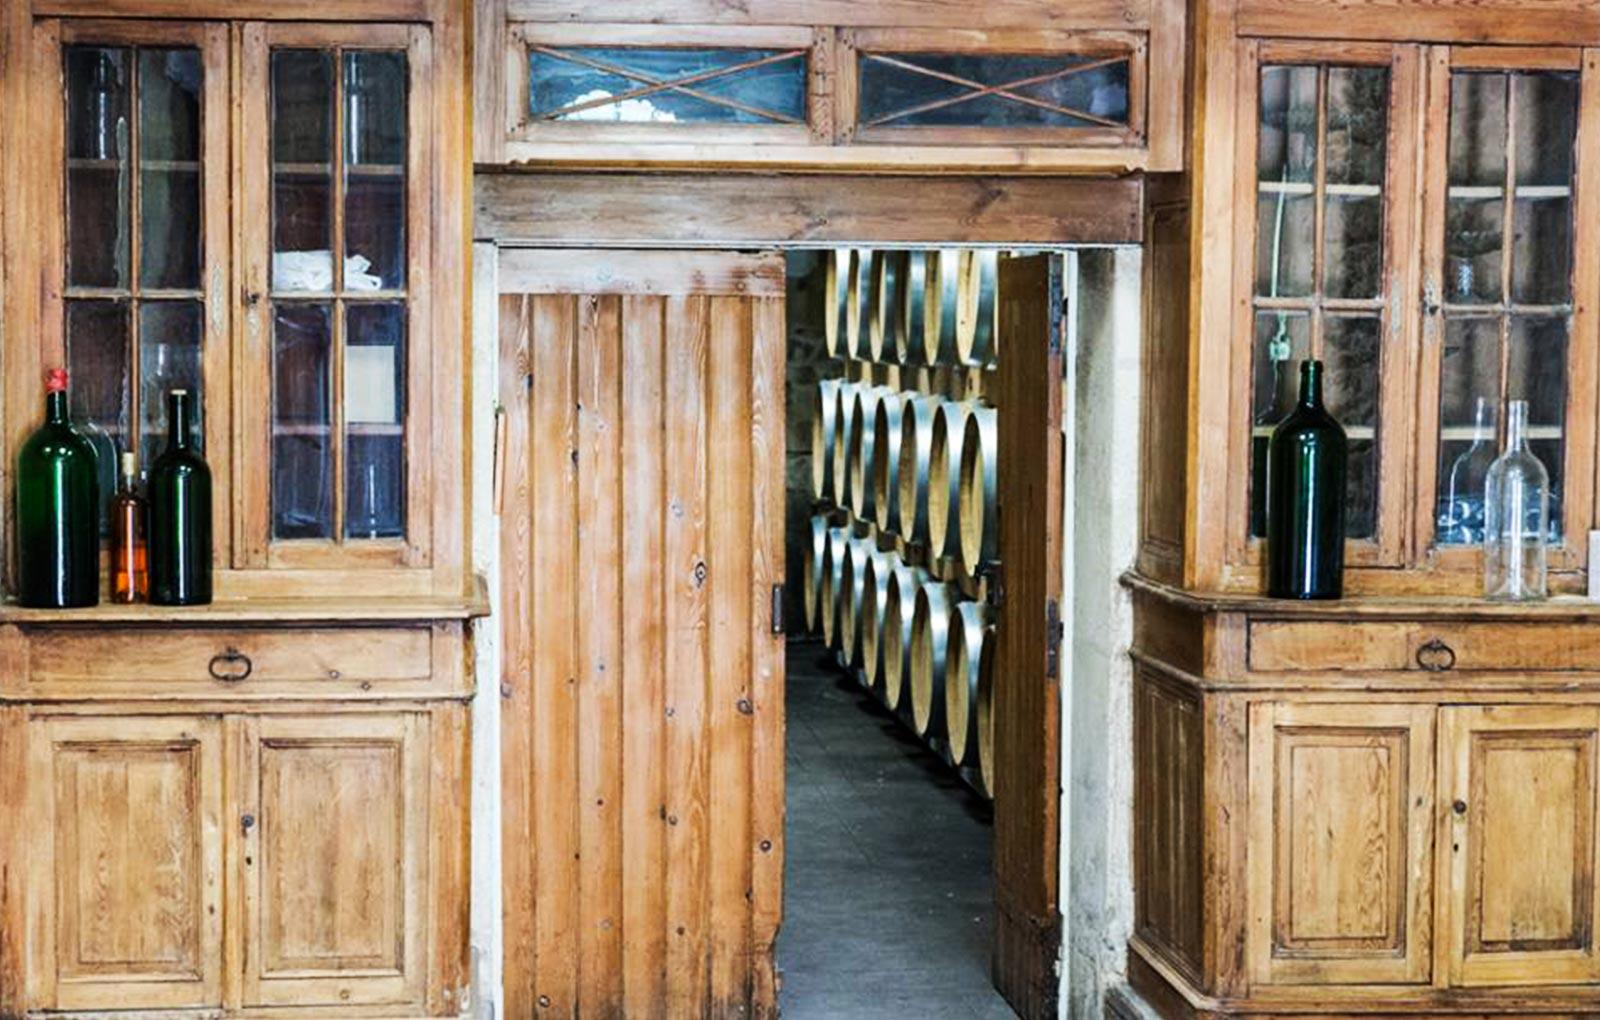 bordeaux chateaux, vignobles bordeaux, medeville collection, cave boreaux, chai vignobles